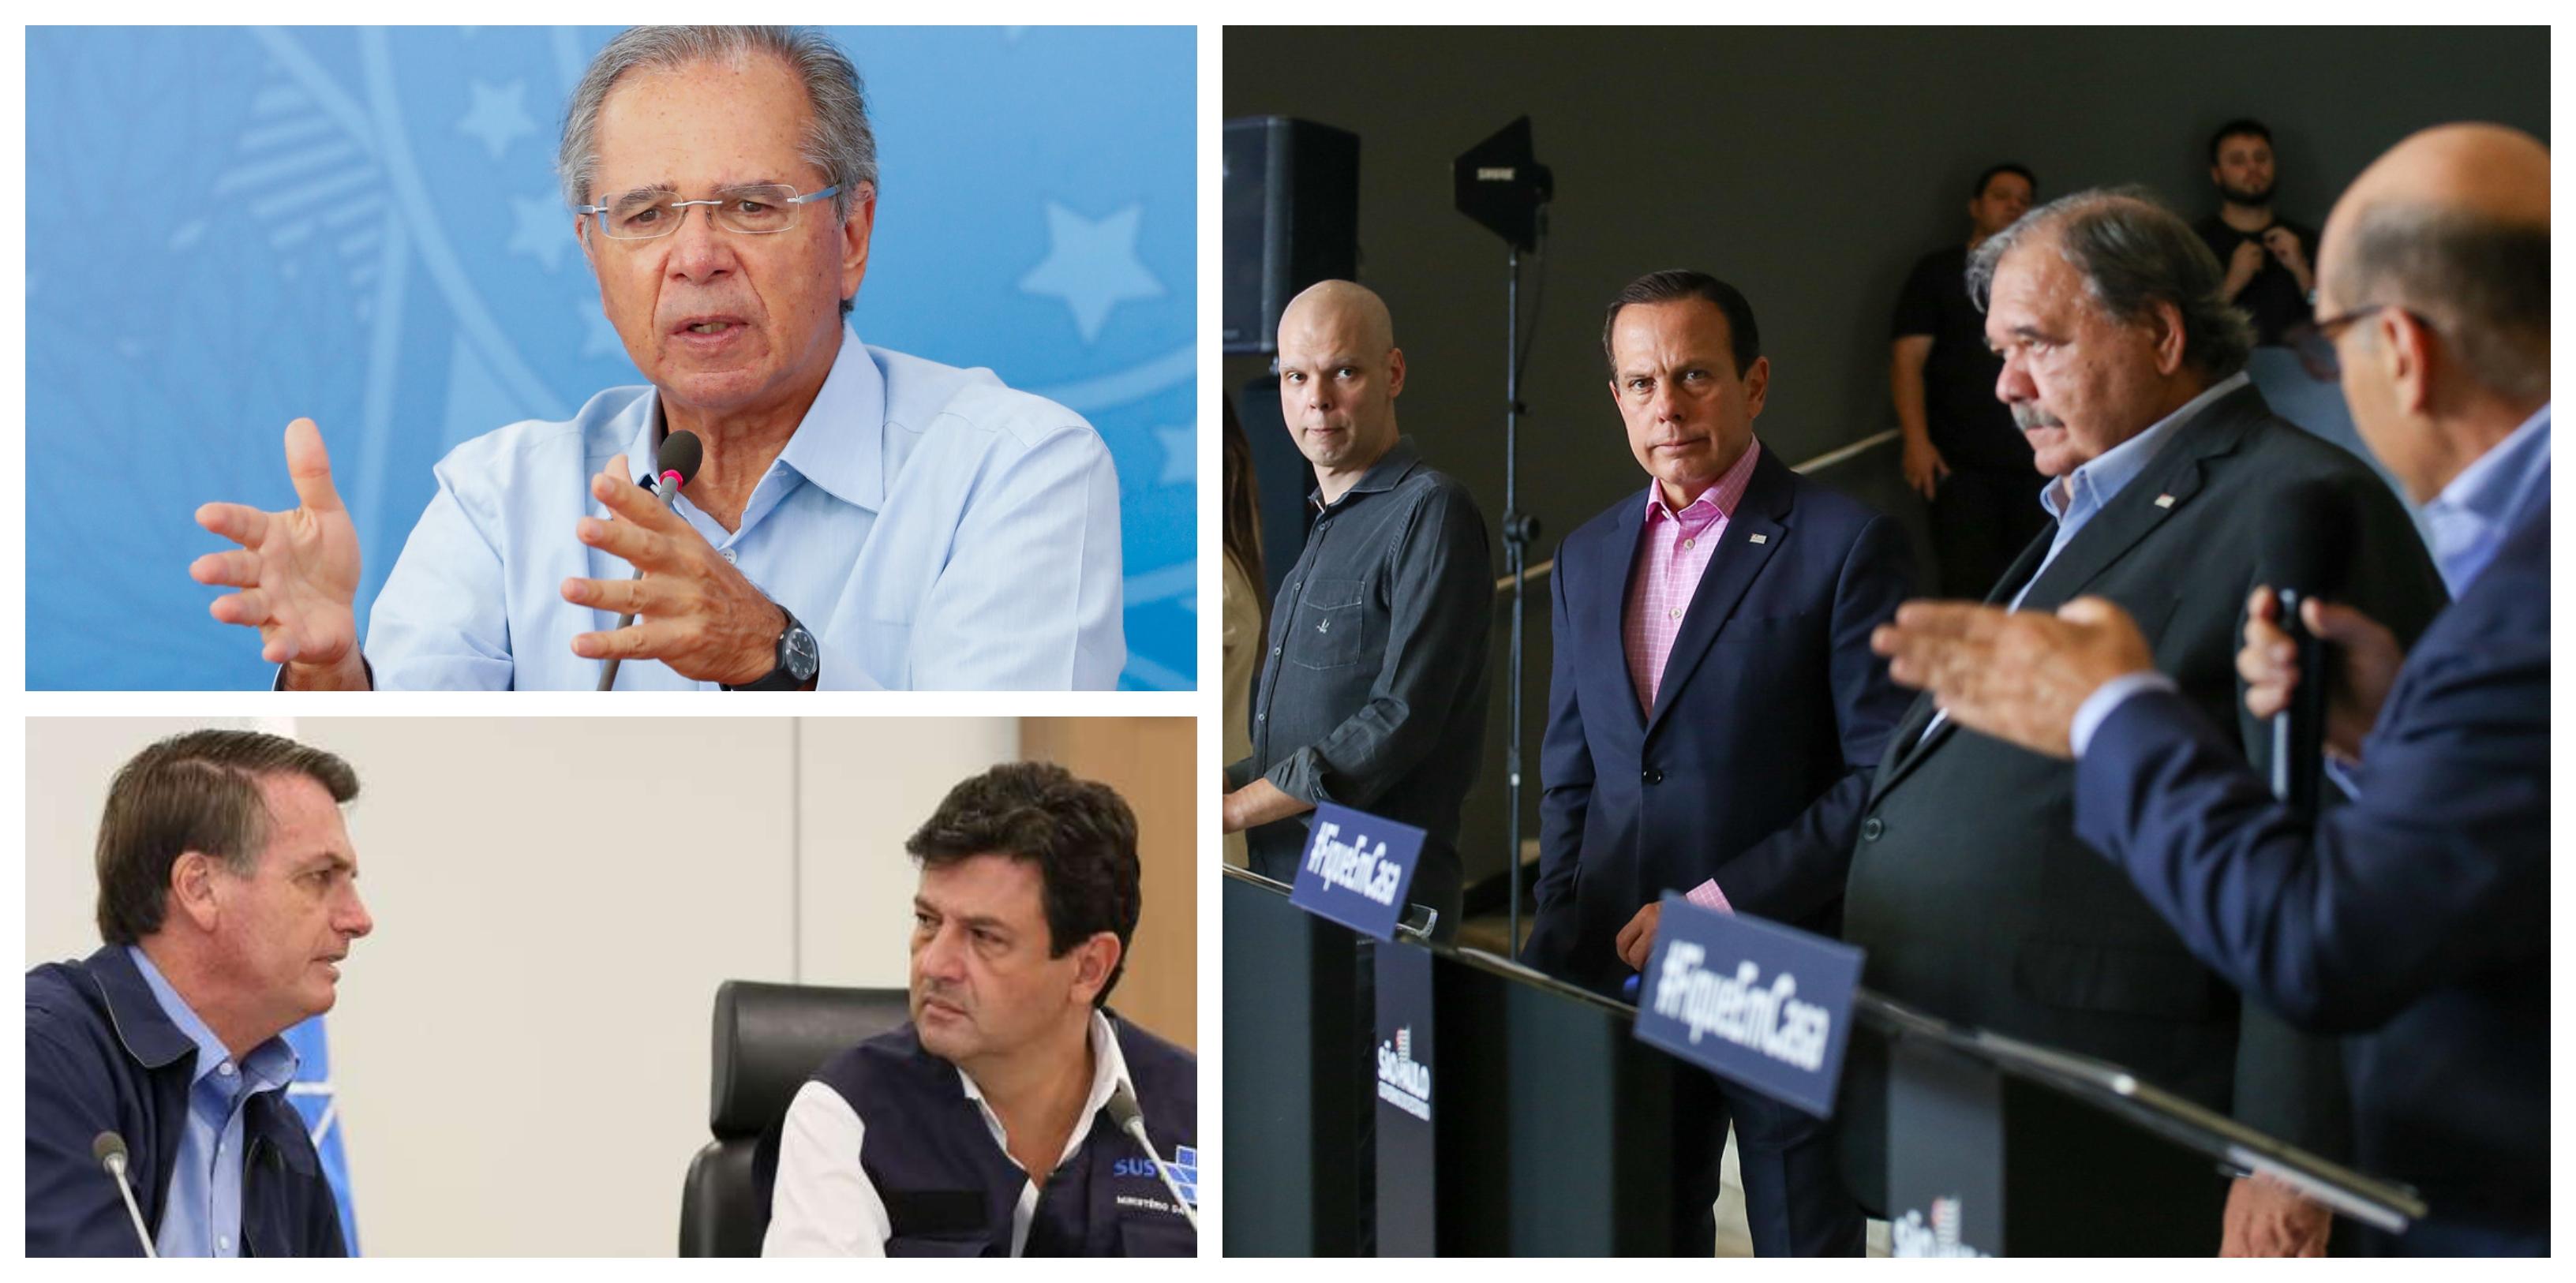 'Só há uma chance de o Covid-19 ser enfrentado com sucesso: Poder público romper já com as amarras do corte dos gastos'